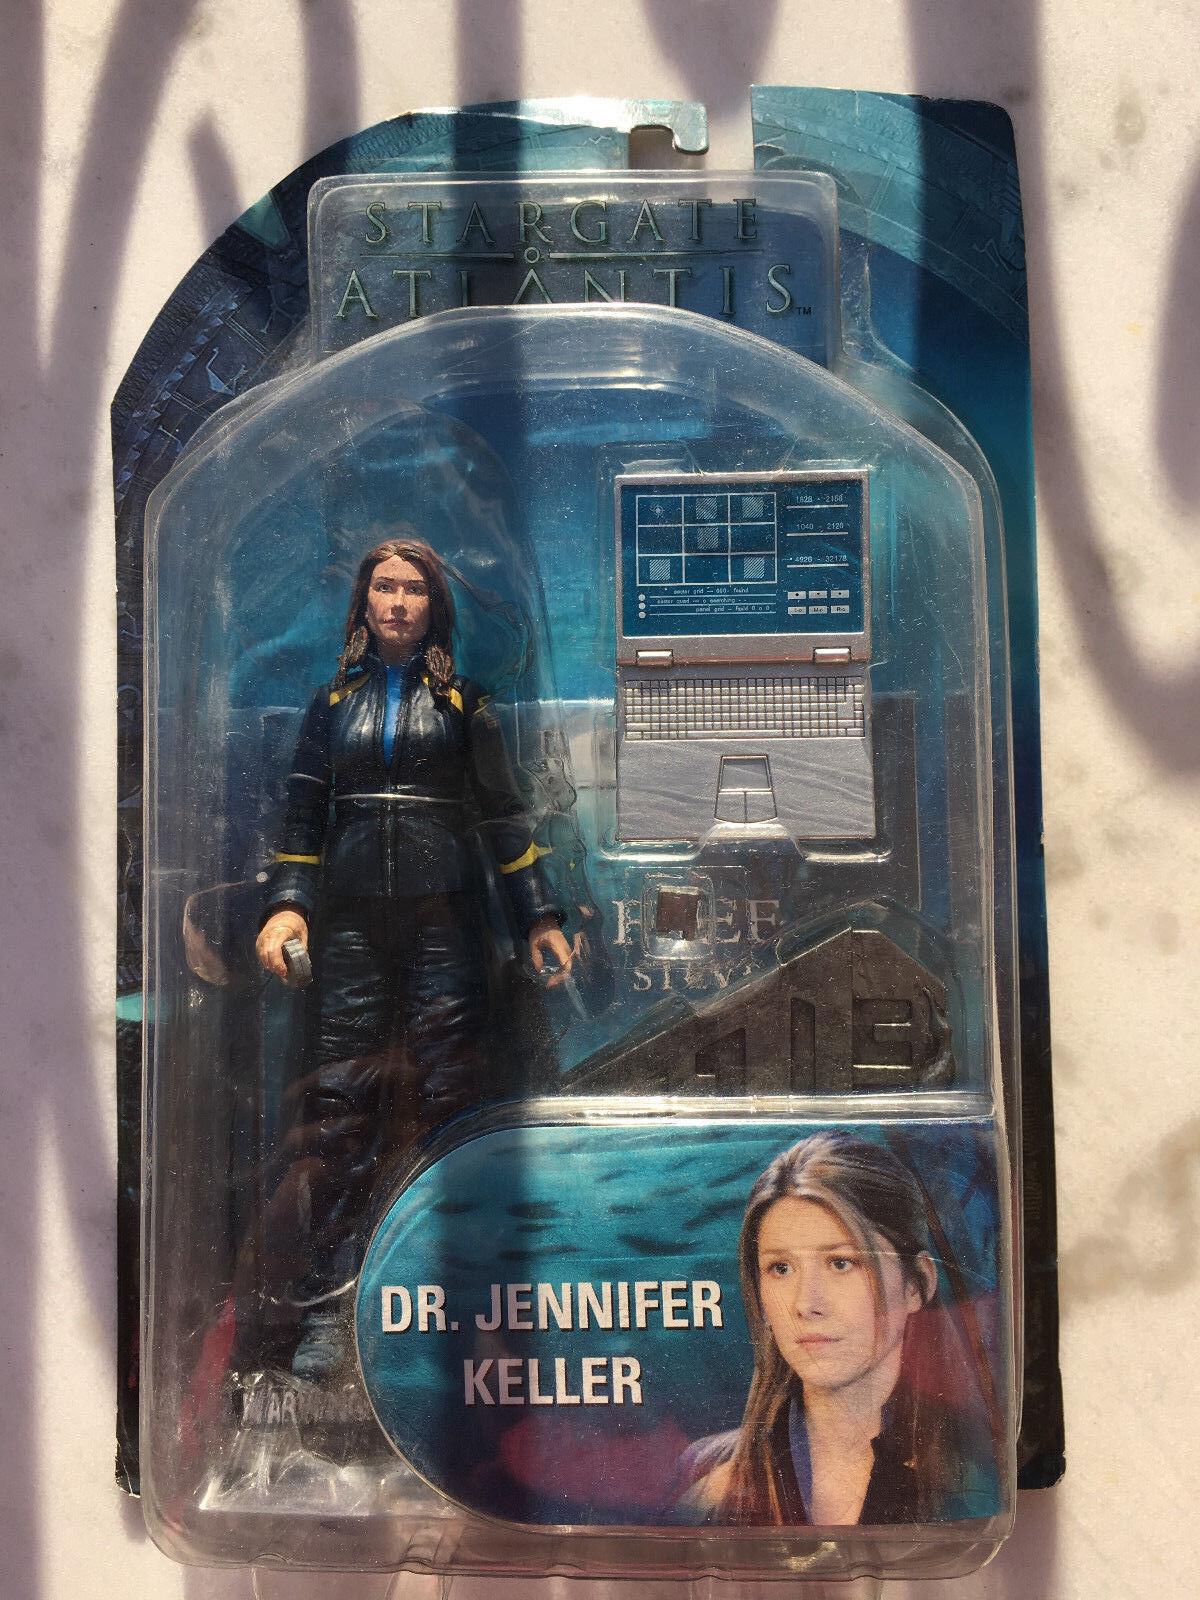 Stargate atlantis series 3 dr. jennifer keller